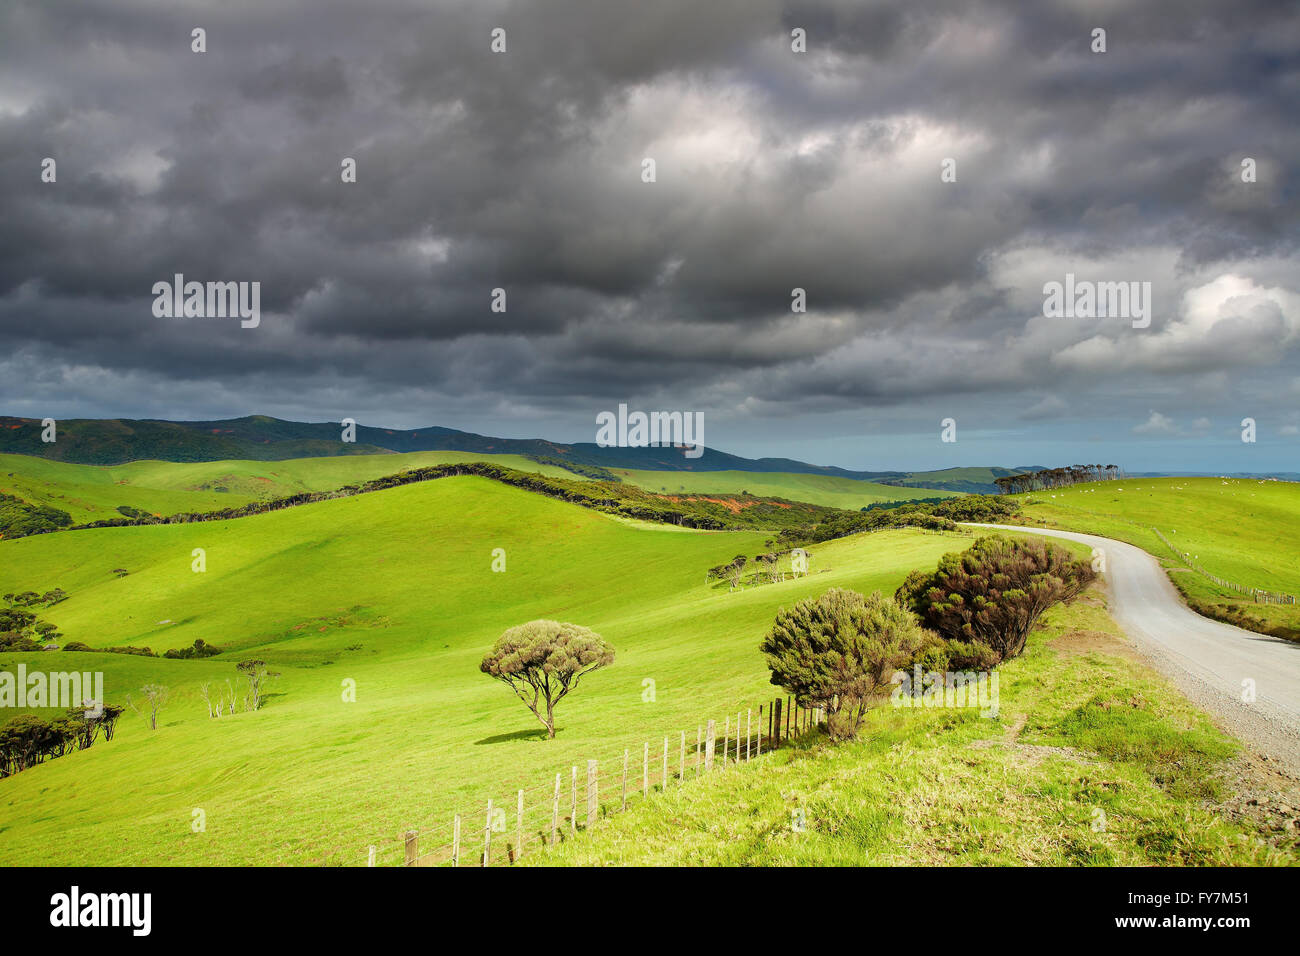 Paysage avec de vertes collines un nuages de tempête Photo Stock